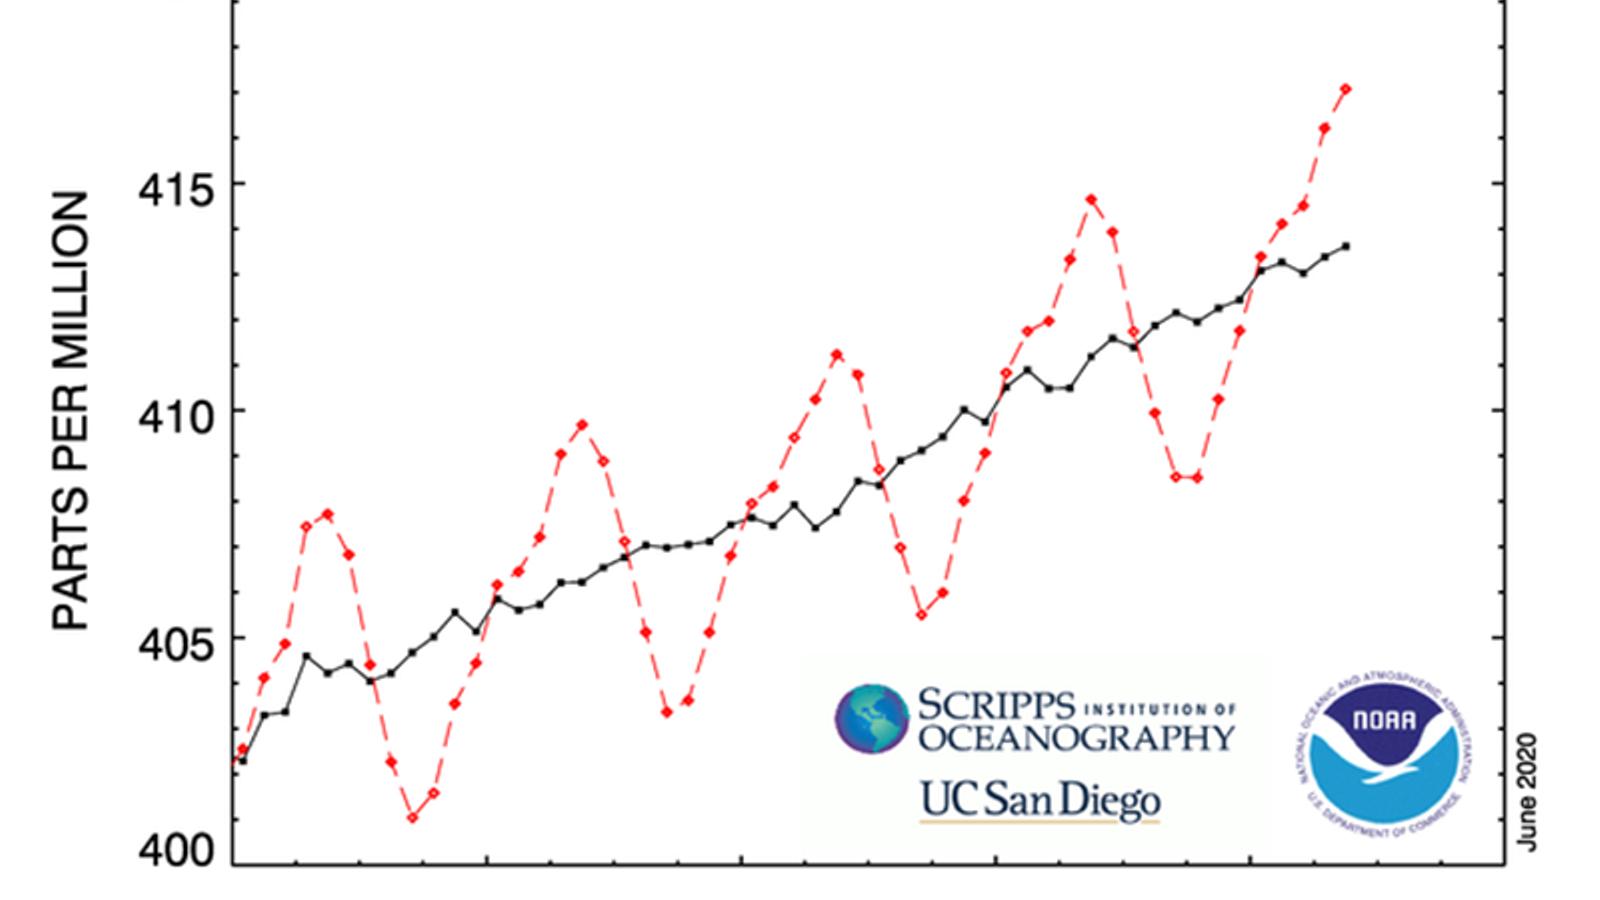 Evolució dels nivells de CO2 a Mauna Loa durant els últims anys